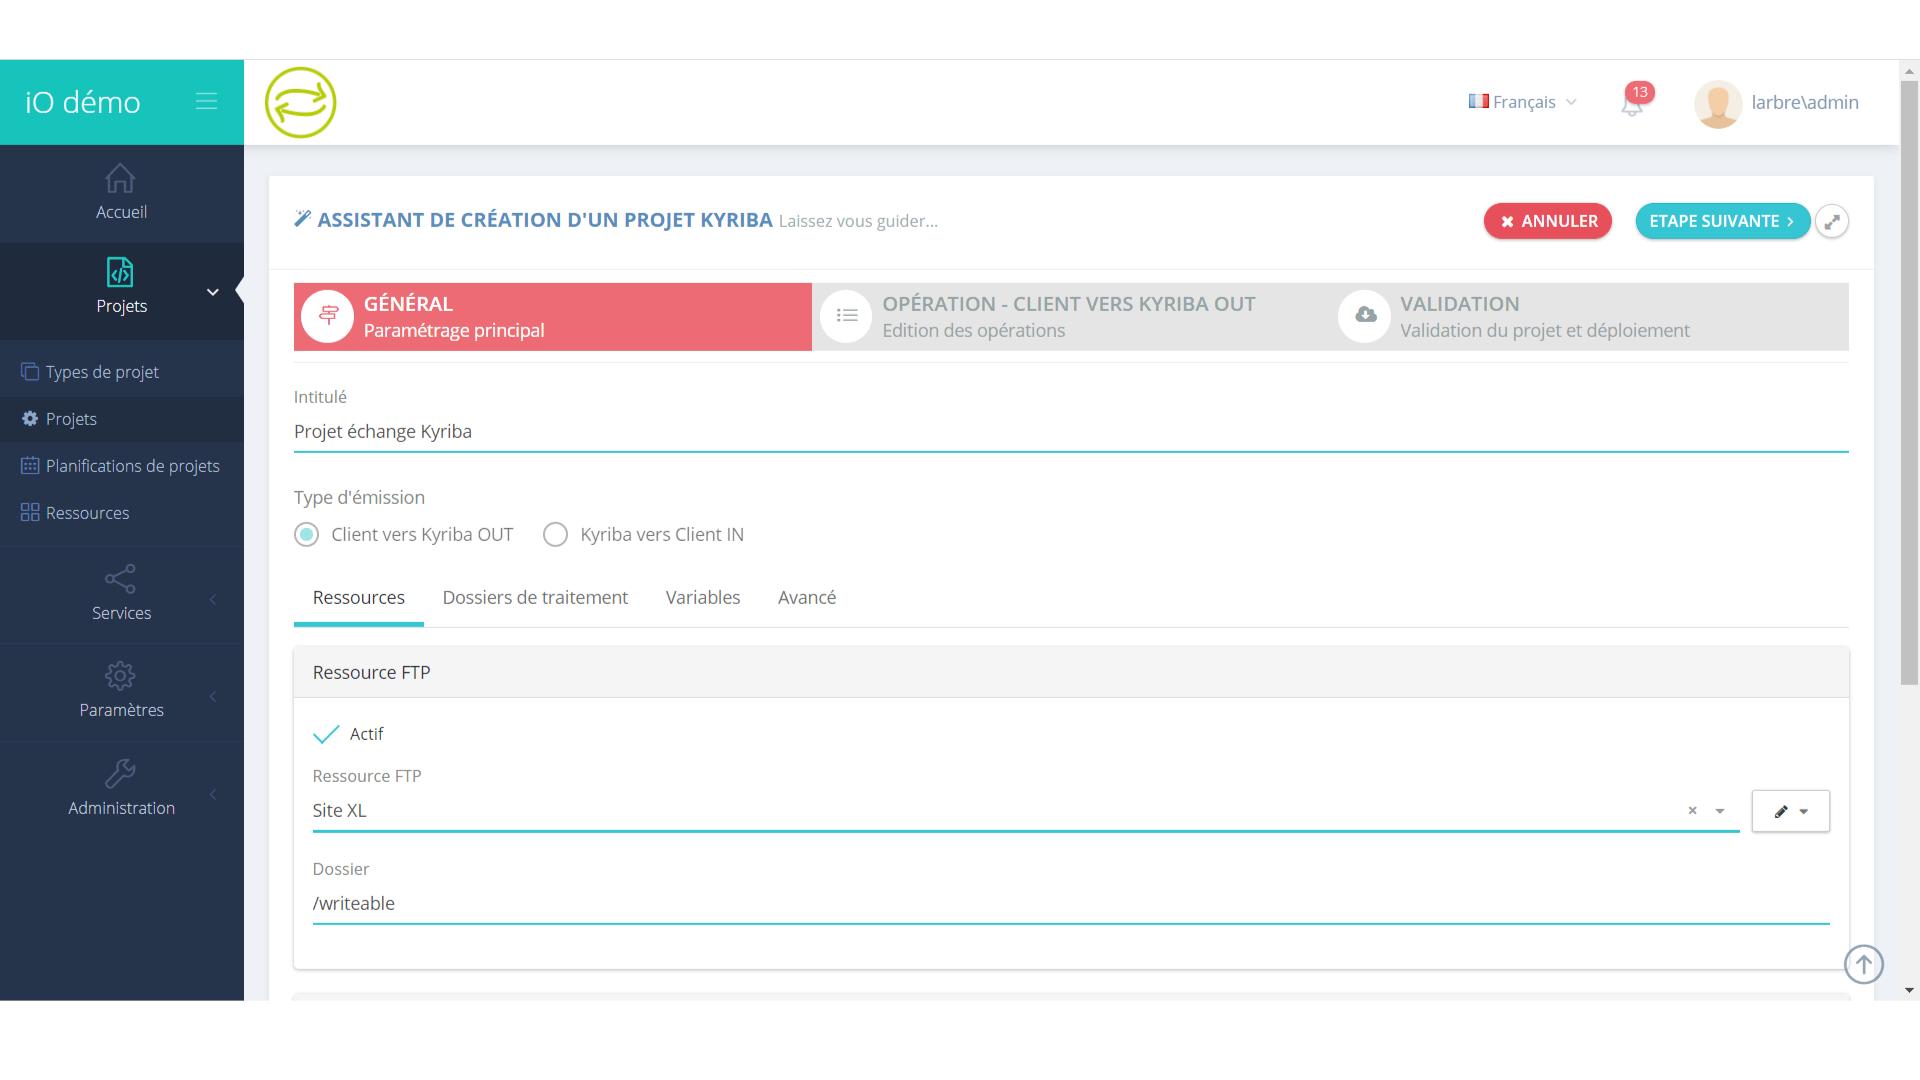 création d'une page projets dans IO